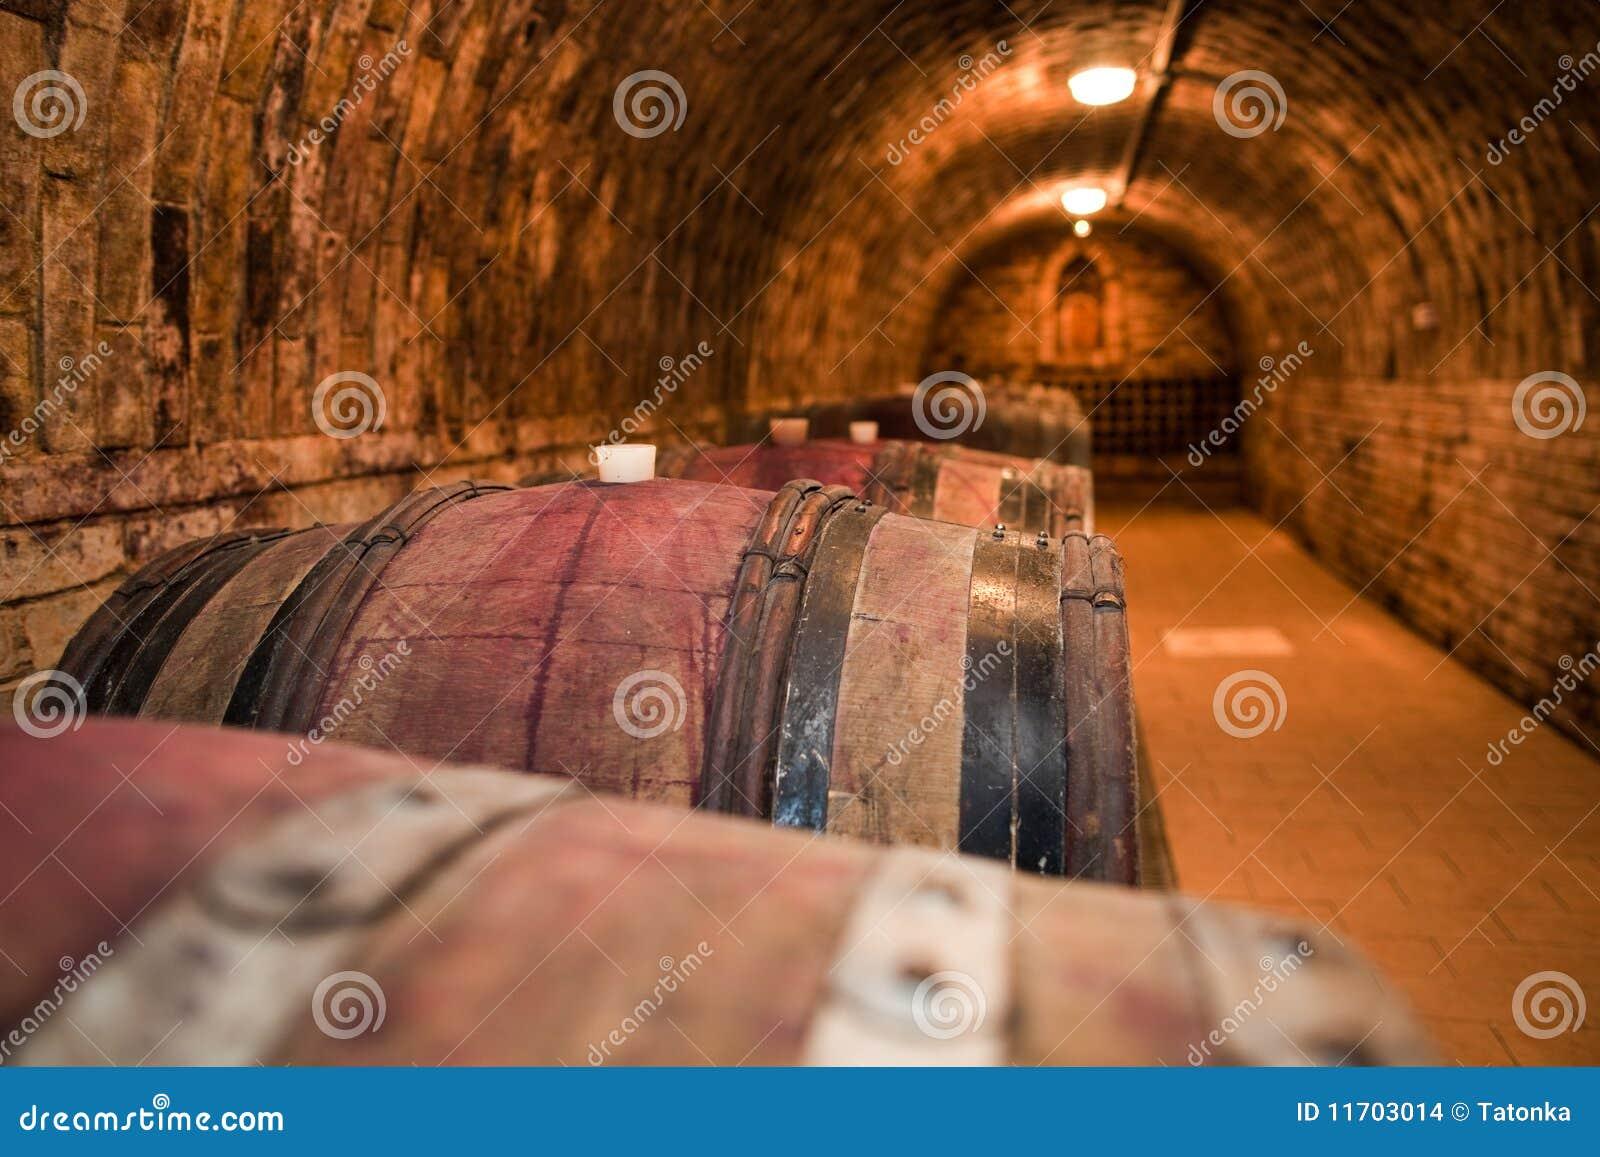 Fußboden Aus Weinfässern ~ Weinfässer im keller stockfoto bild von getränke fußboden